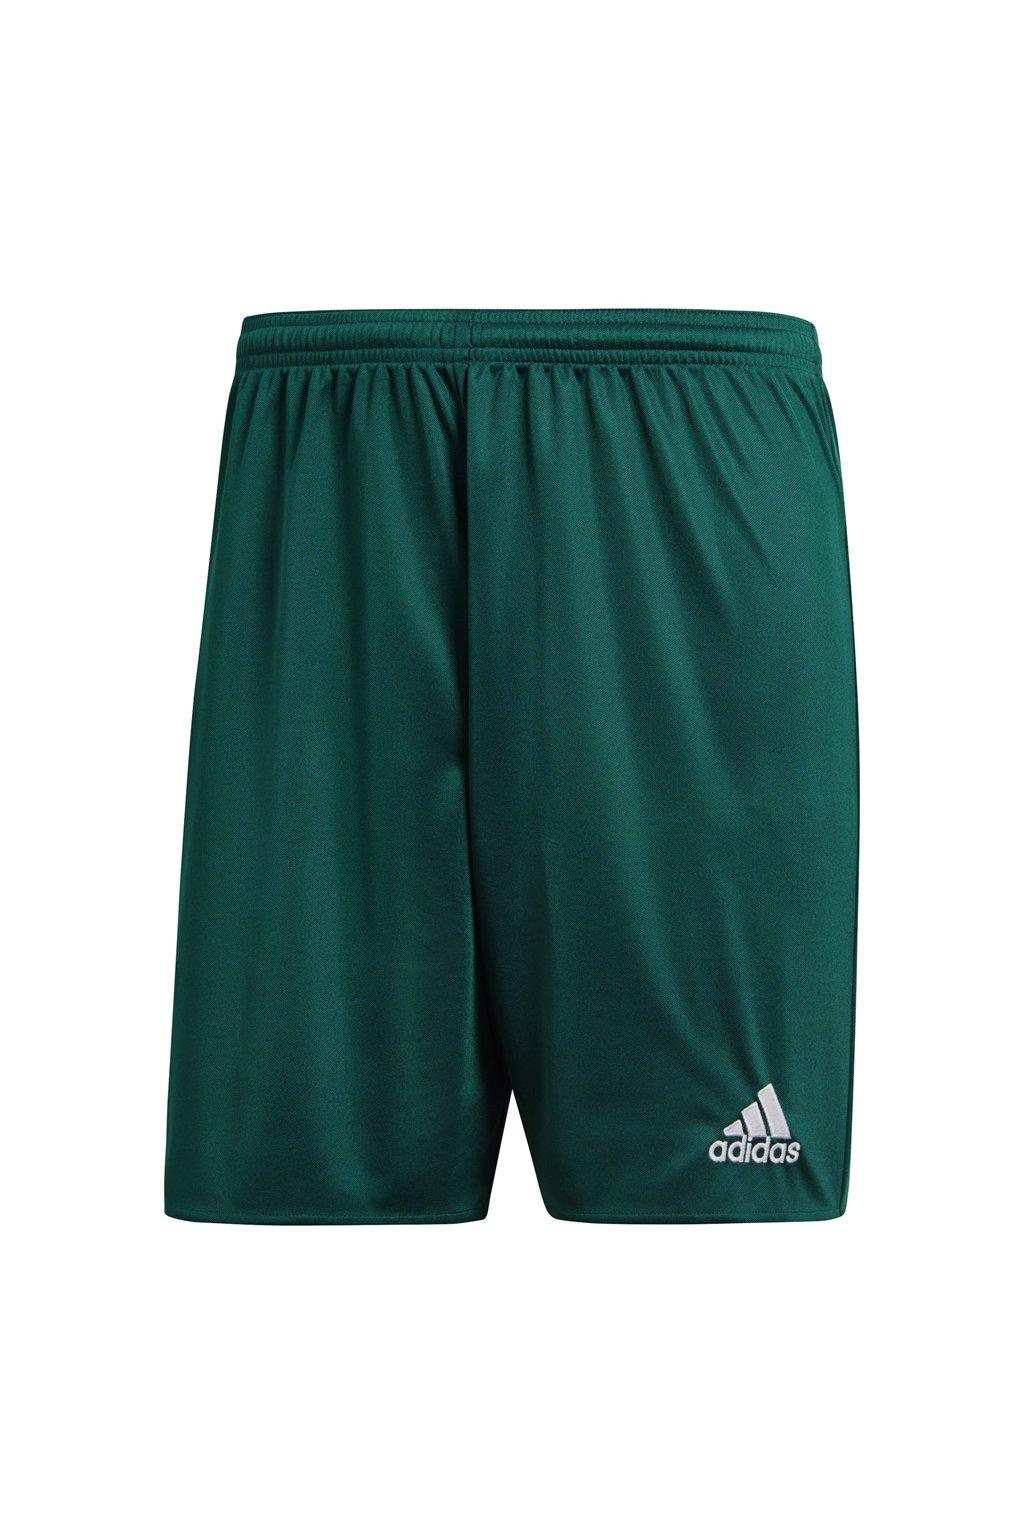 Detské kraťasy Adidas Parma 16 JUNIOR tmavo zelená DM1698